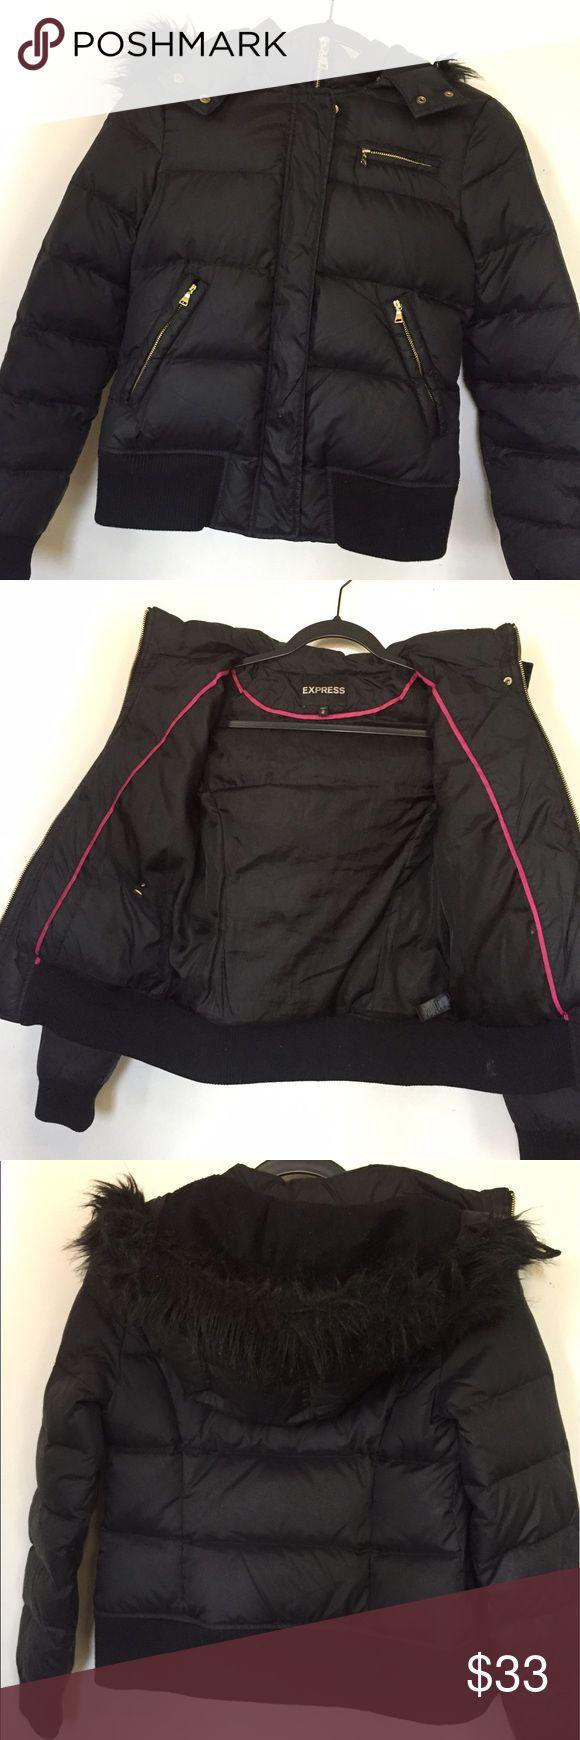 Very warm coat Used Black, very warm winter coat Express Jackets & Coats